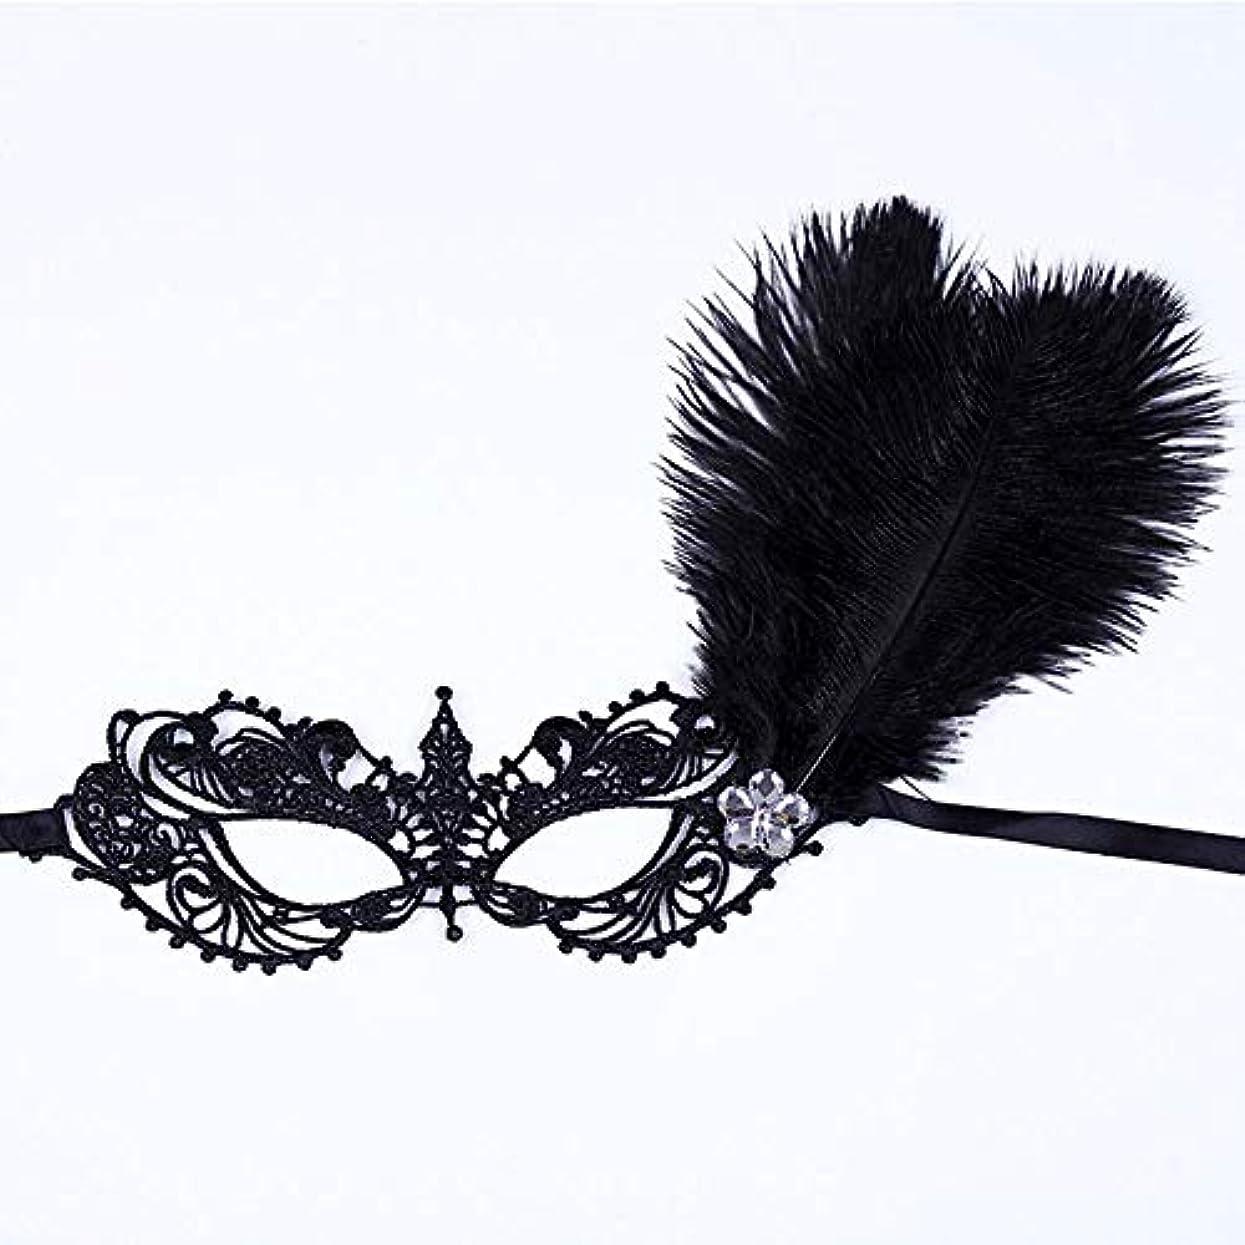 慢な説明量で仮面舞踏会の羽レースマスクキャットウォークパーティーセクシーなハロウィーンマスクブラック